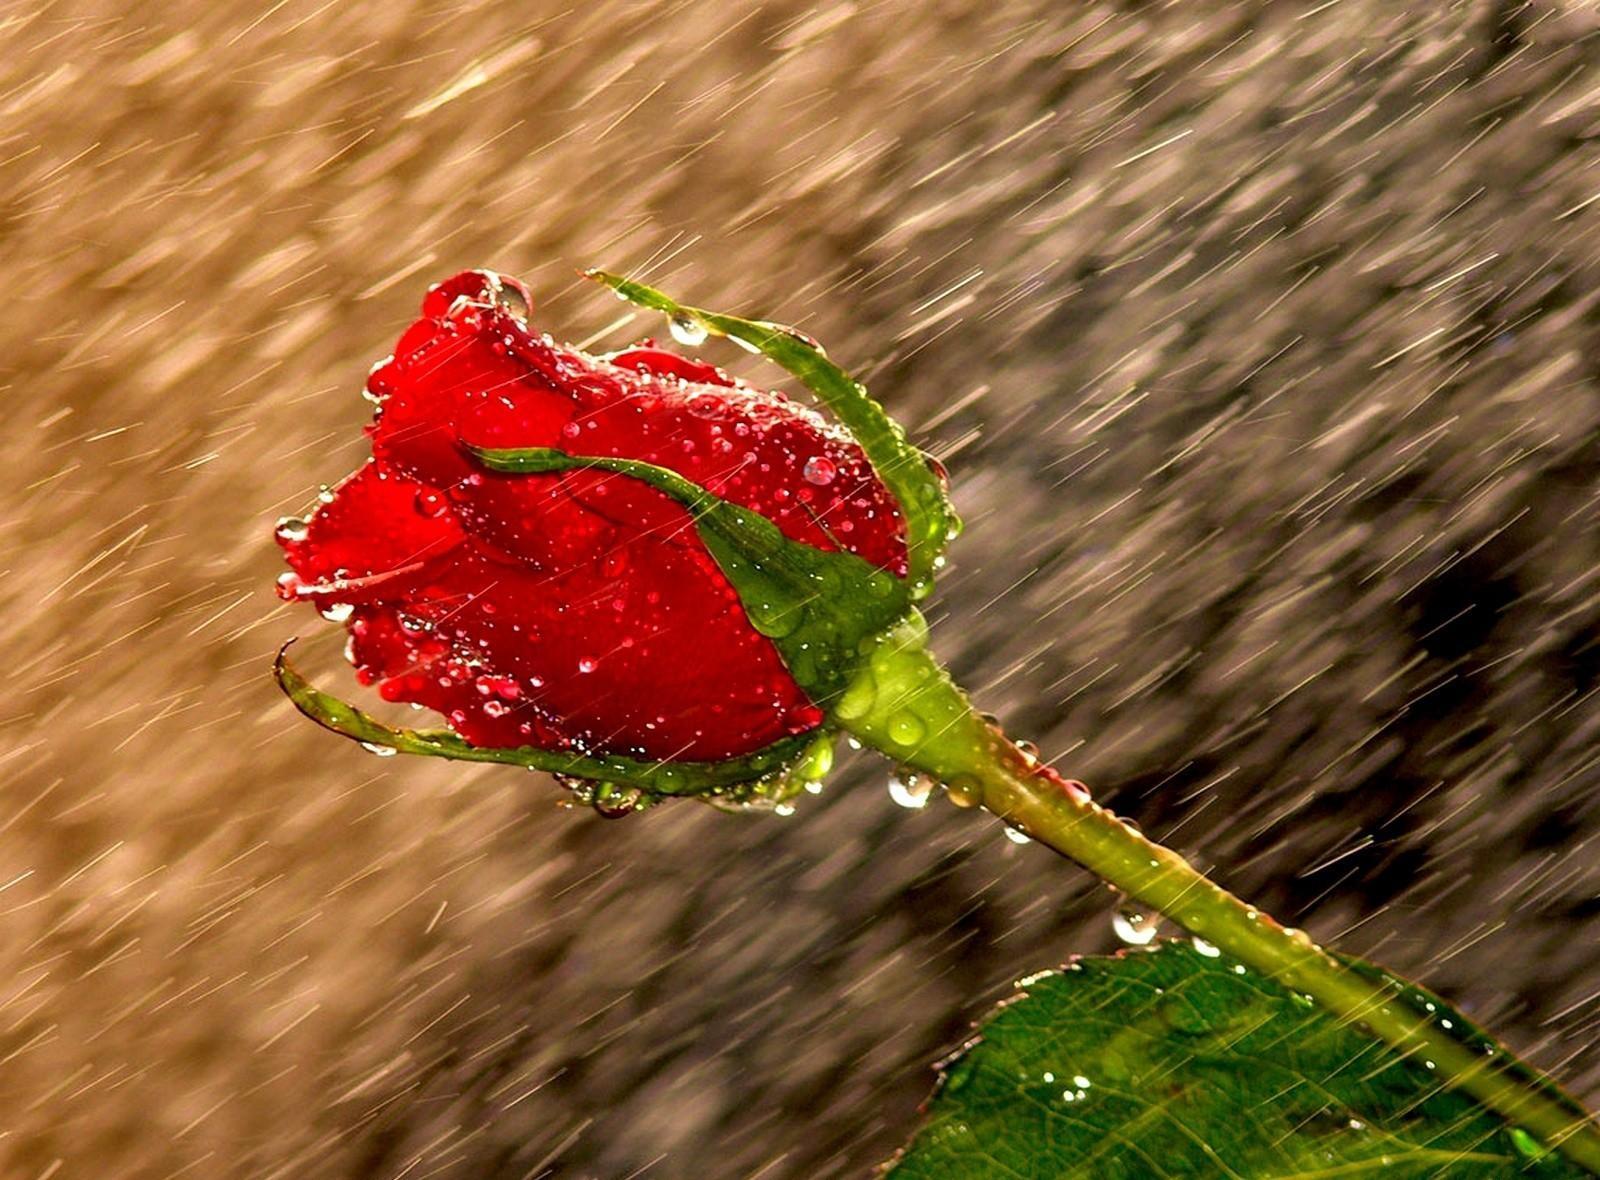 Επιστρέφουν οι βροχές αύριο Δευτέρα 27/4/20 στην χώρα.